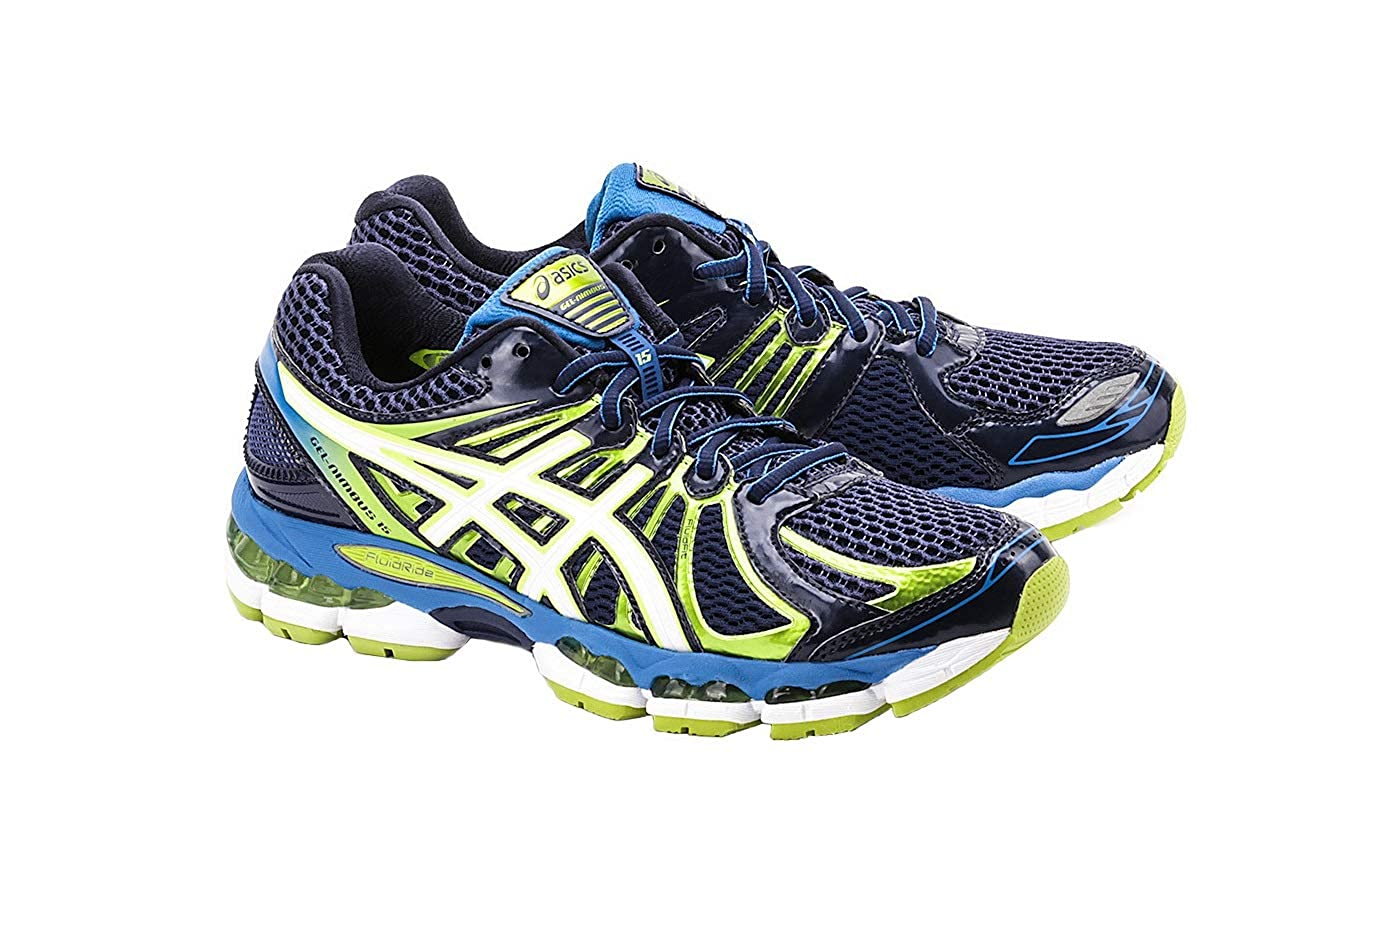 1dcb1463b34 Asics Gel Nimbus 15 Men s Running shoes